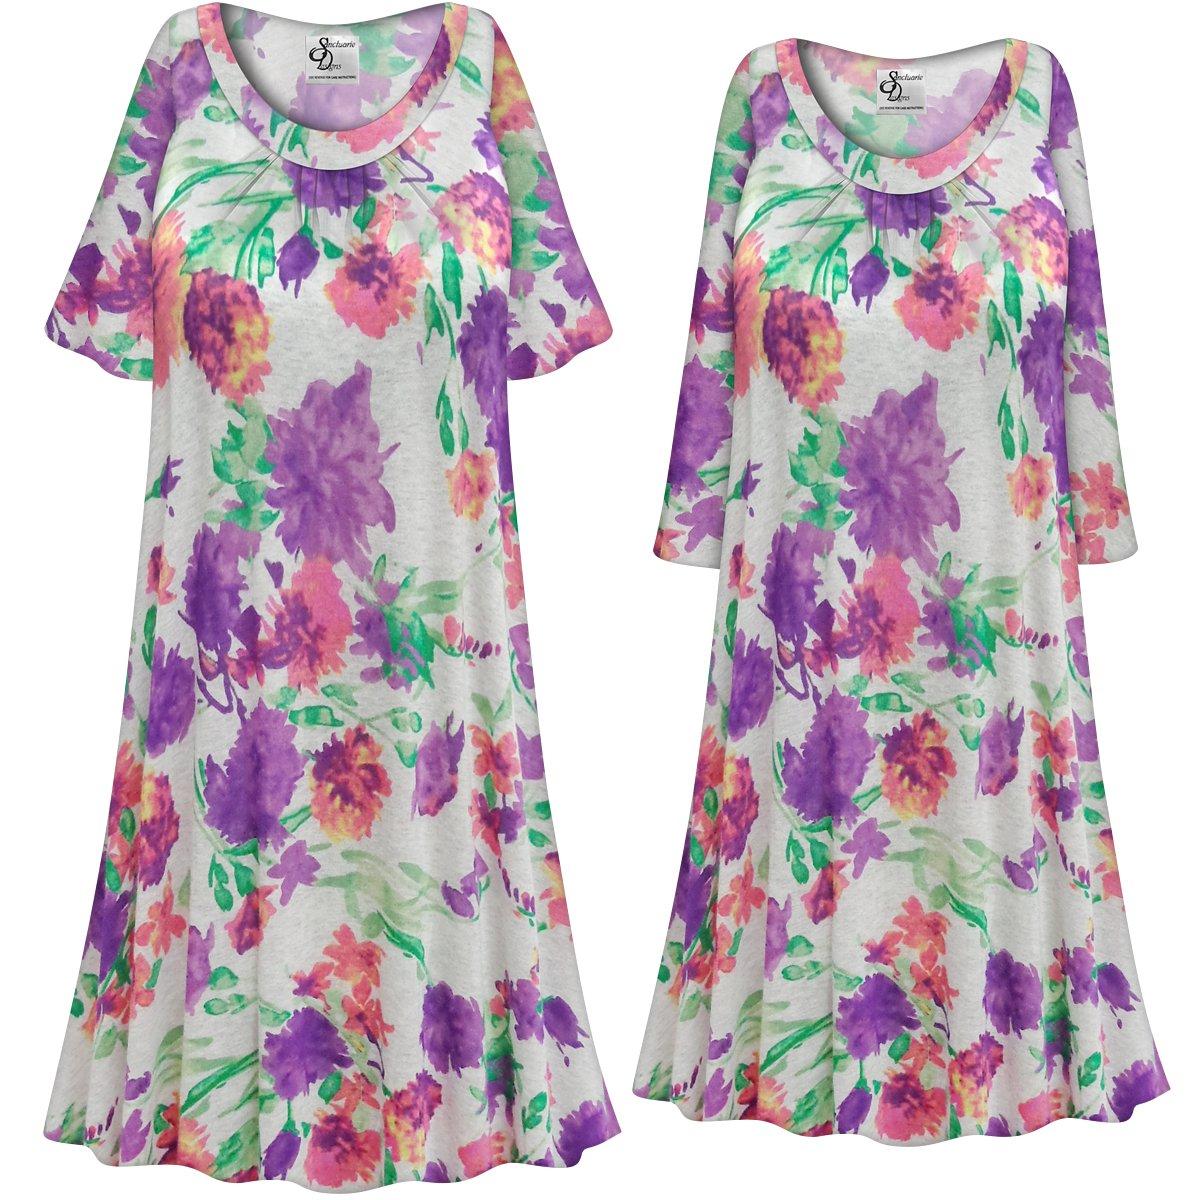 53c6a968b2a9a Customizable Plus Size LIGHT WEIGHT Pretty in Purple Floral Print Sleep  Gown - Muumuu - Moo Moo Dress 0x 1x 2x 3x 4x 5x 6x 7x 8x 9x. ...